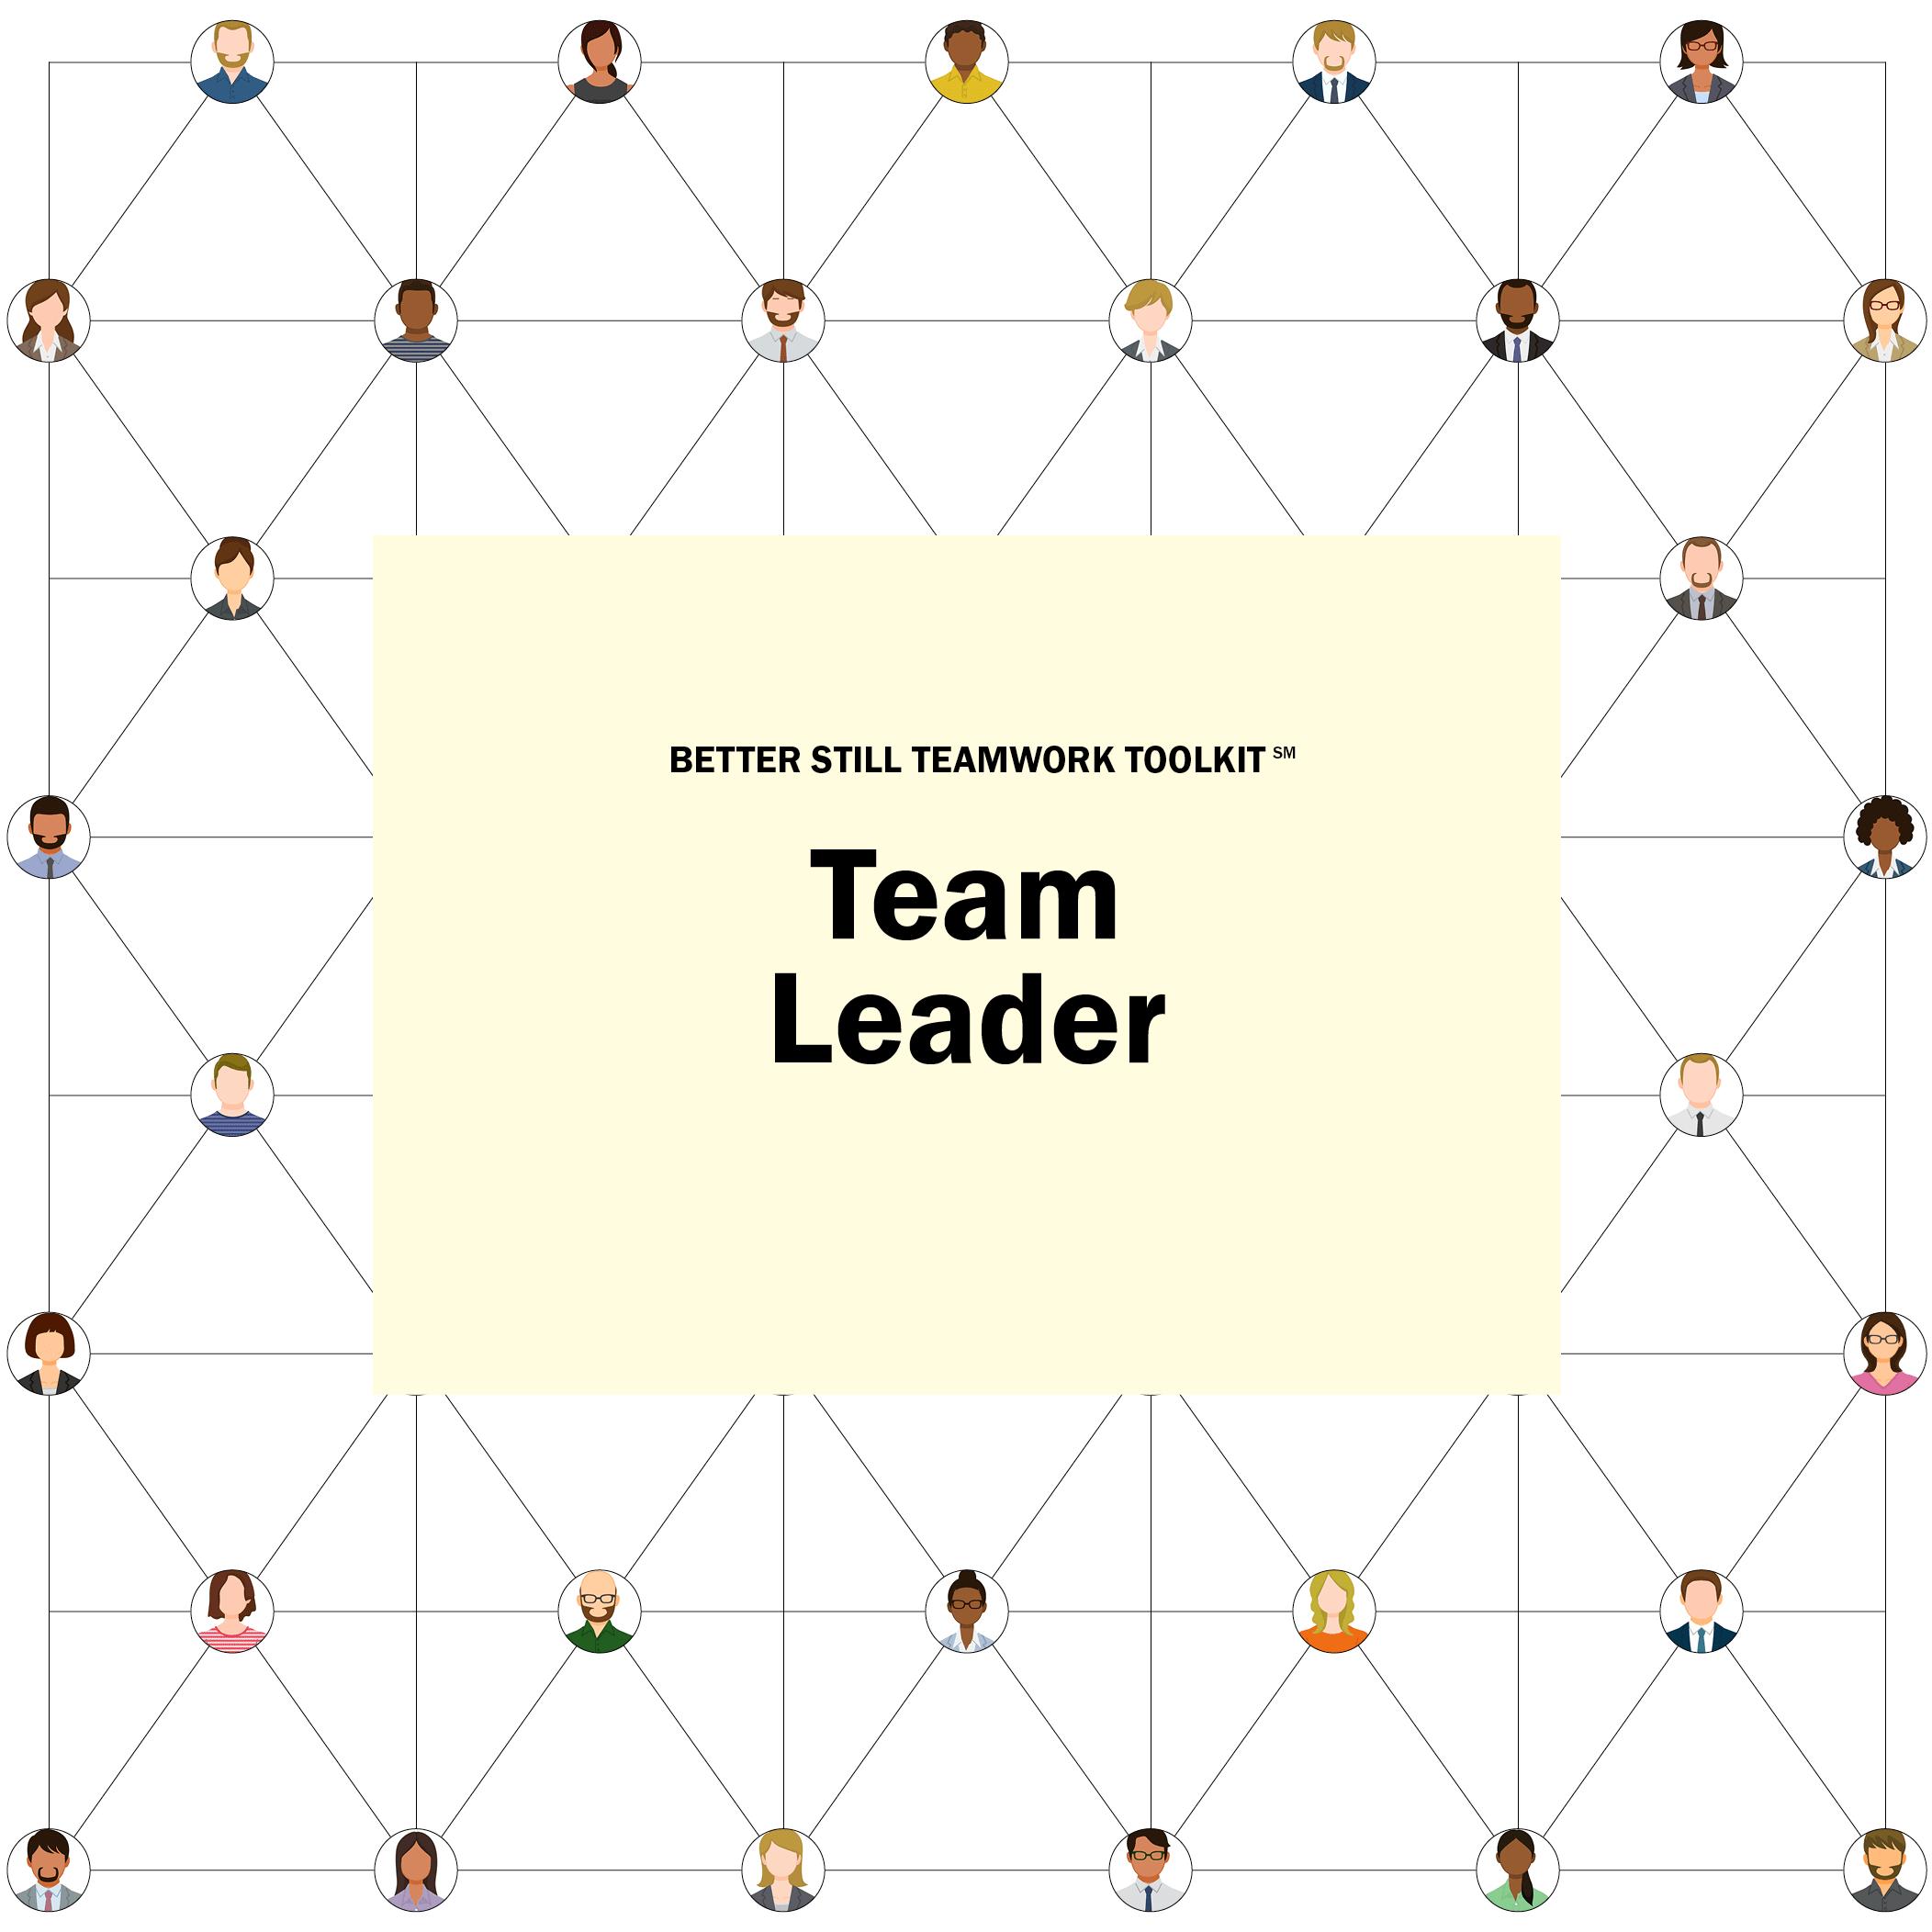 Team Leader Toolkit